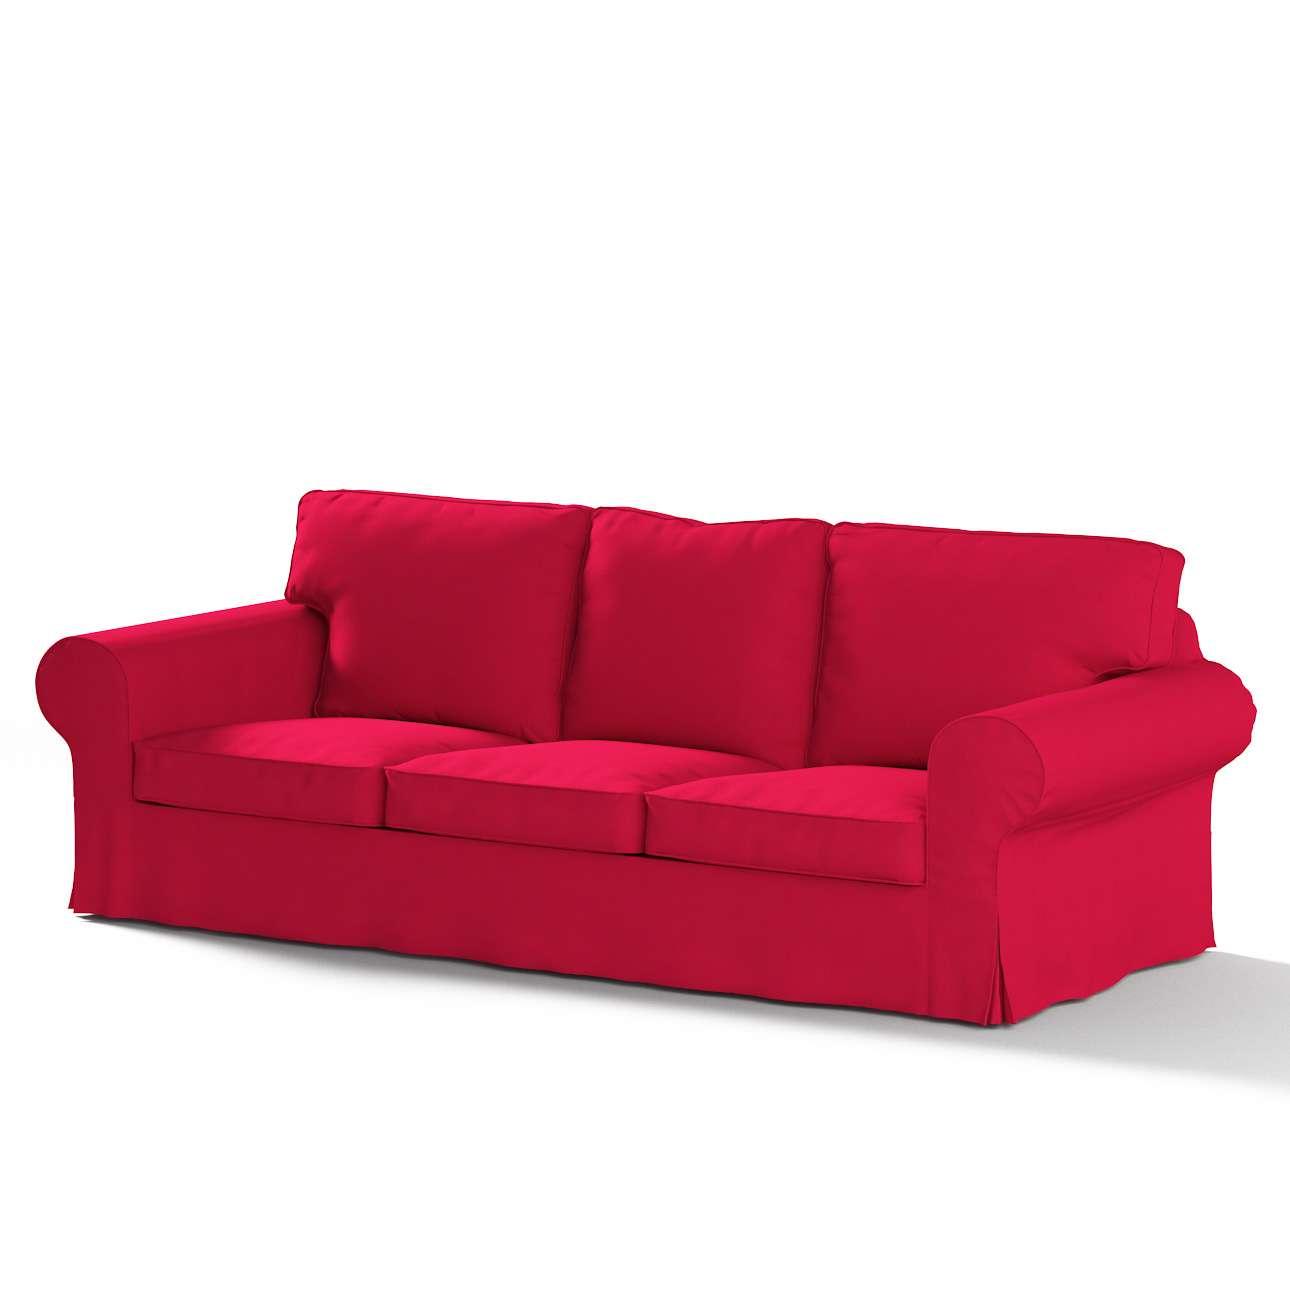 Potah na pohovku IKEA  Ektorp 3-místná, rozkládací STARÝ MODEL pohovka Ektorp 3-místná rozkládací v kolekci Etna, látka: 705-60